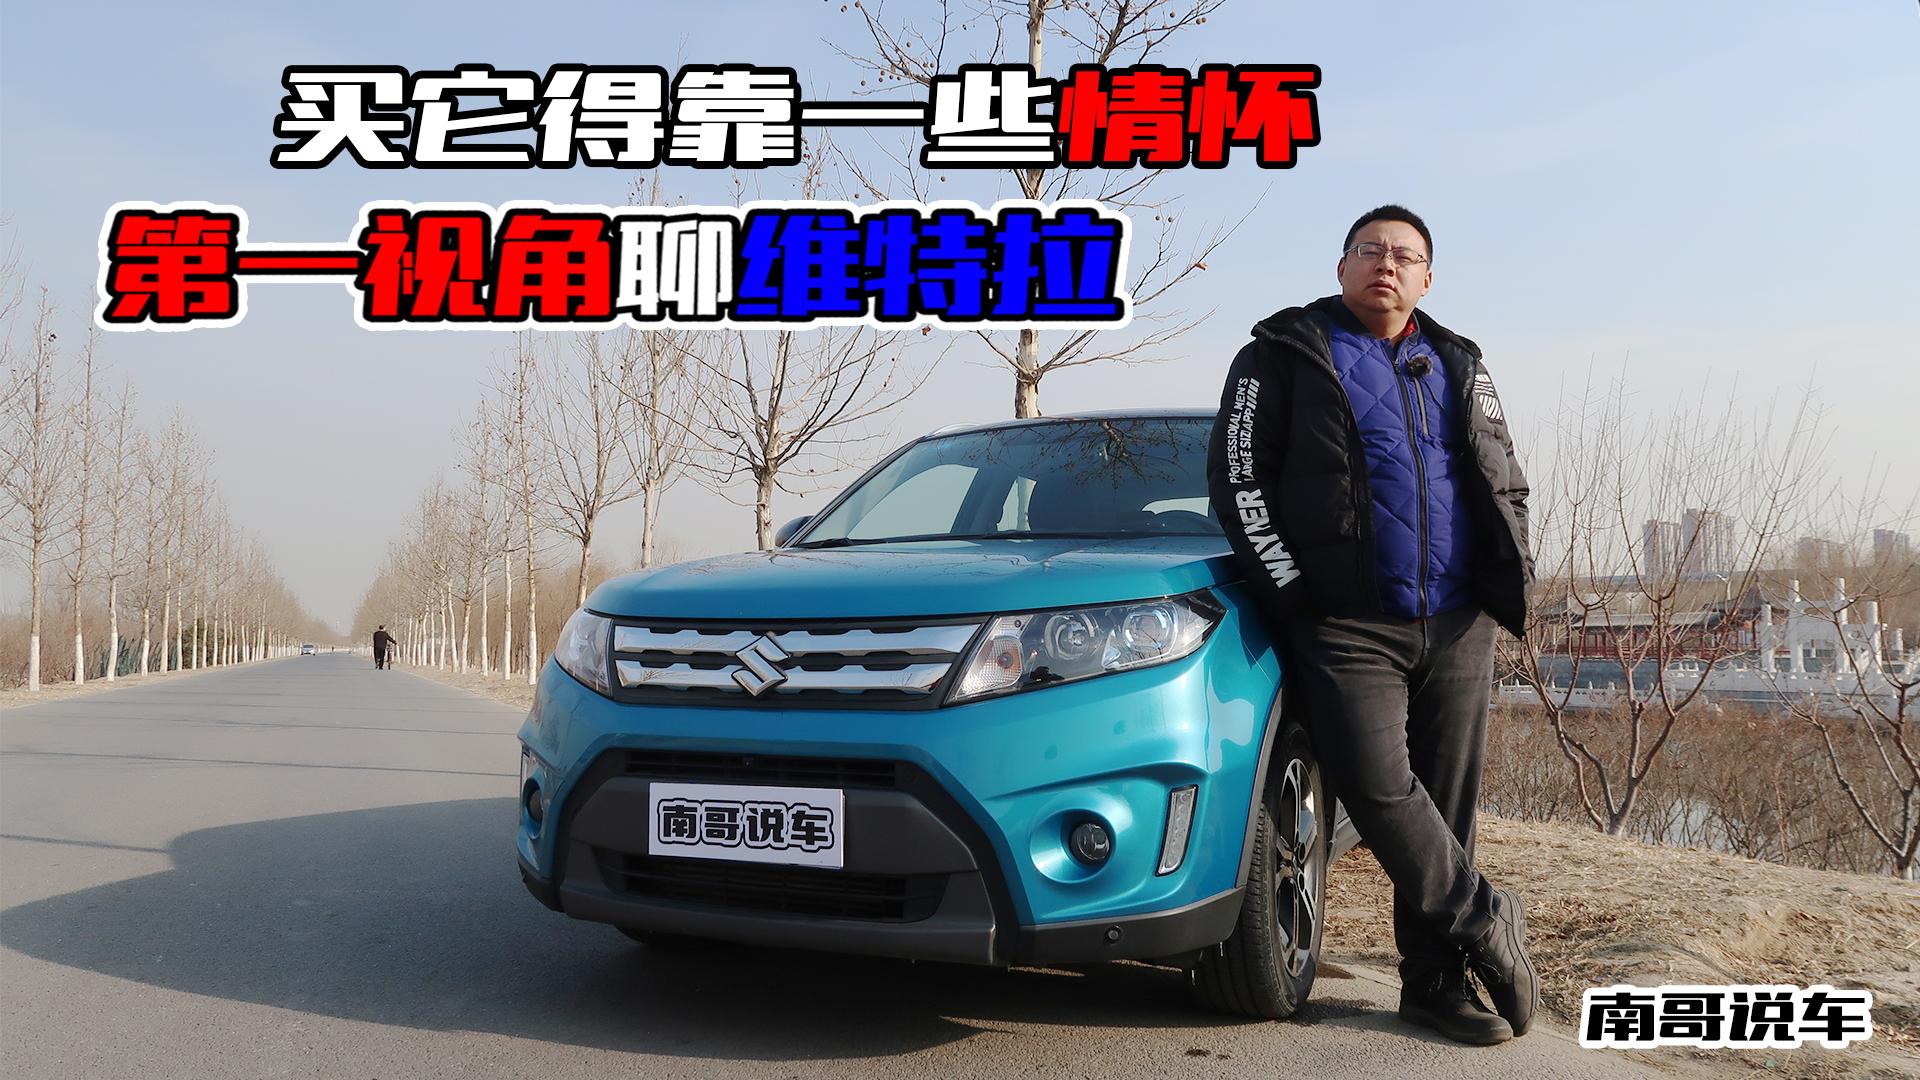 十五万左右能买到的合资SUV—铃木维特拉